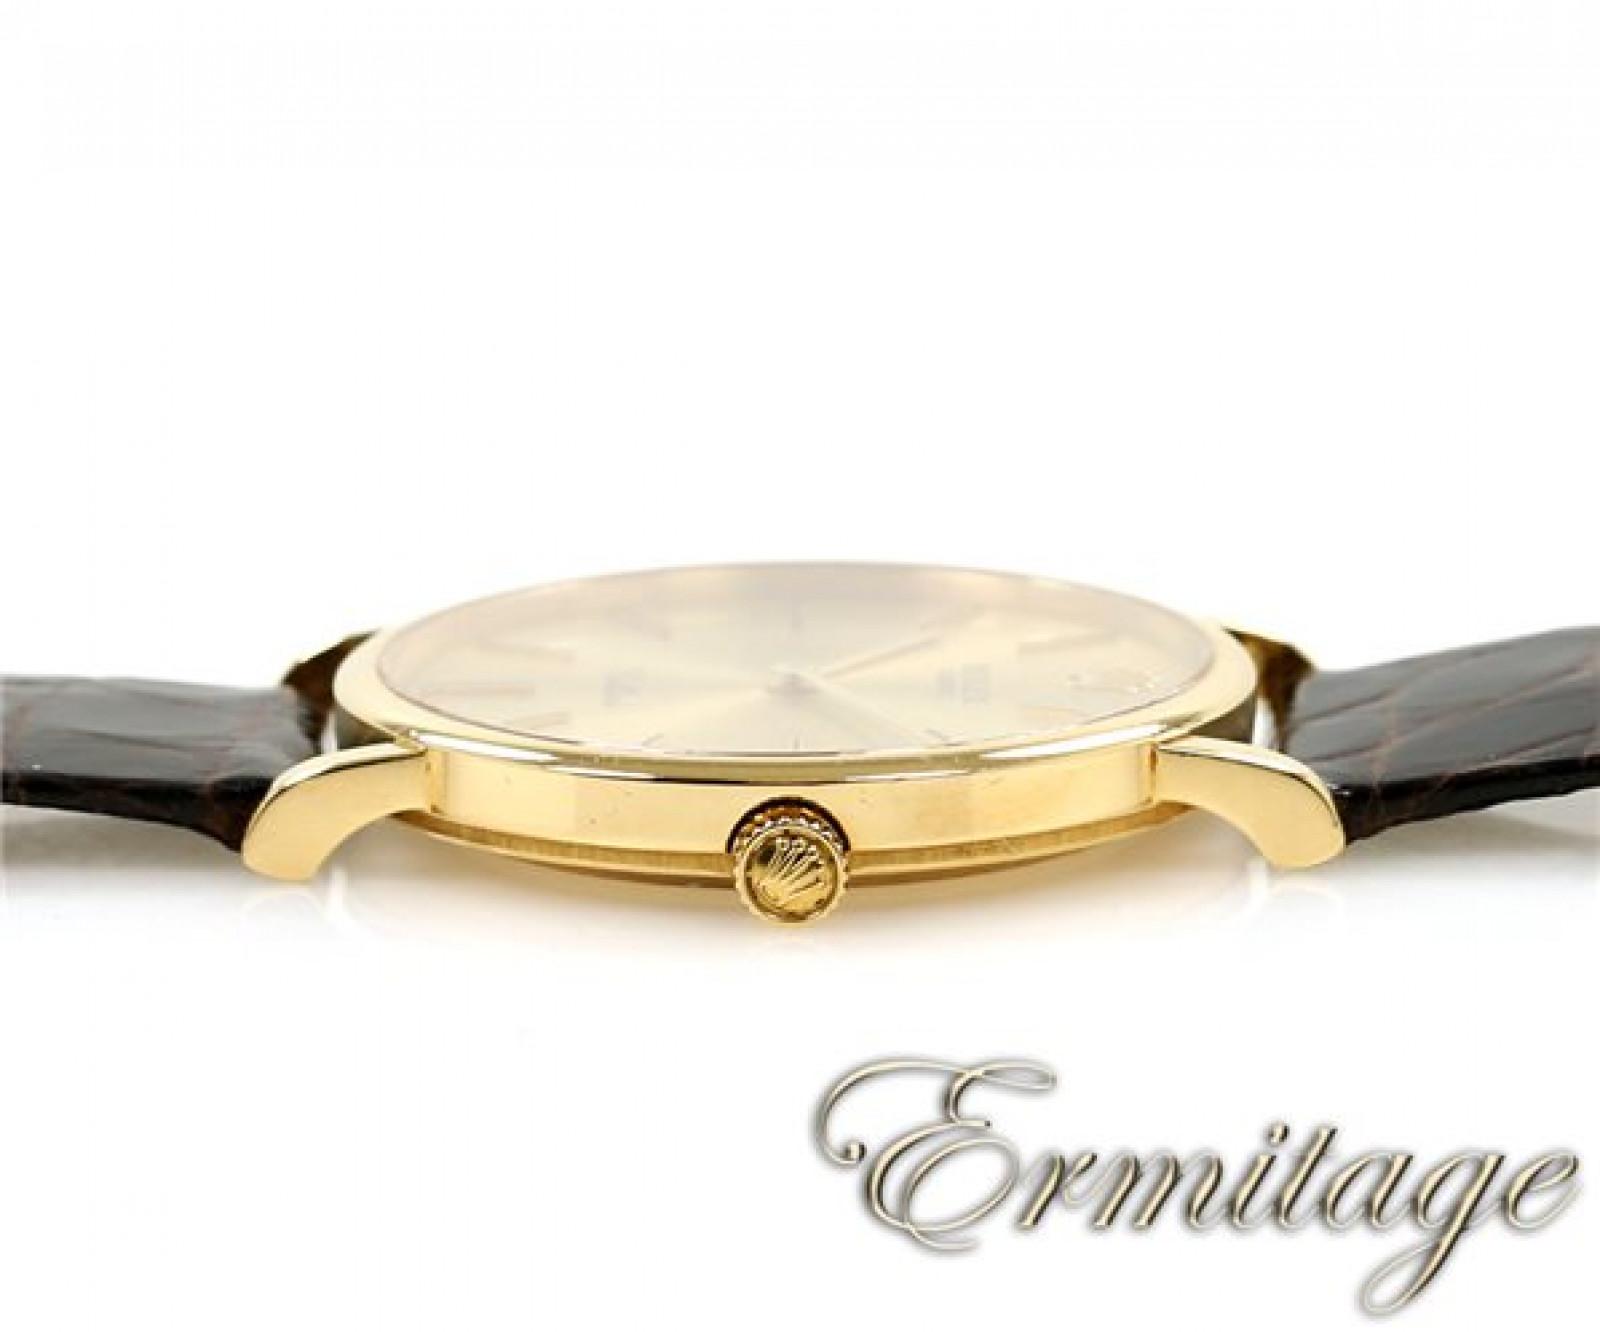 Rolex Cellini 5112 Gold Champagne